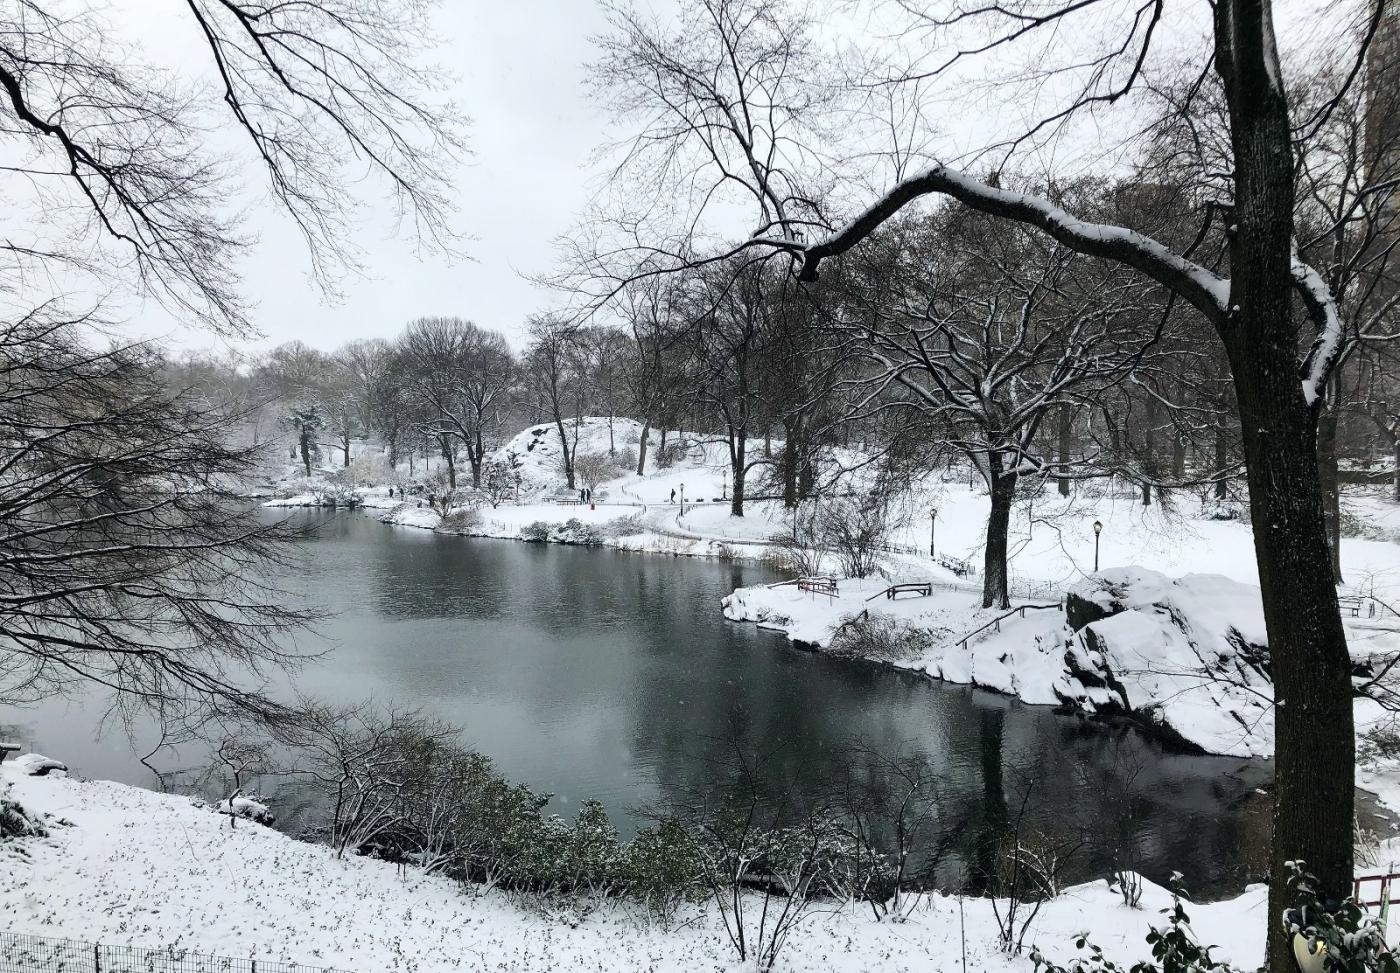 【田螺手机摄影】纽约雪景、还是中央公园最漂亮[二]_图1-10